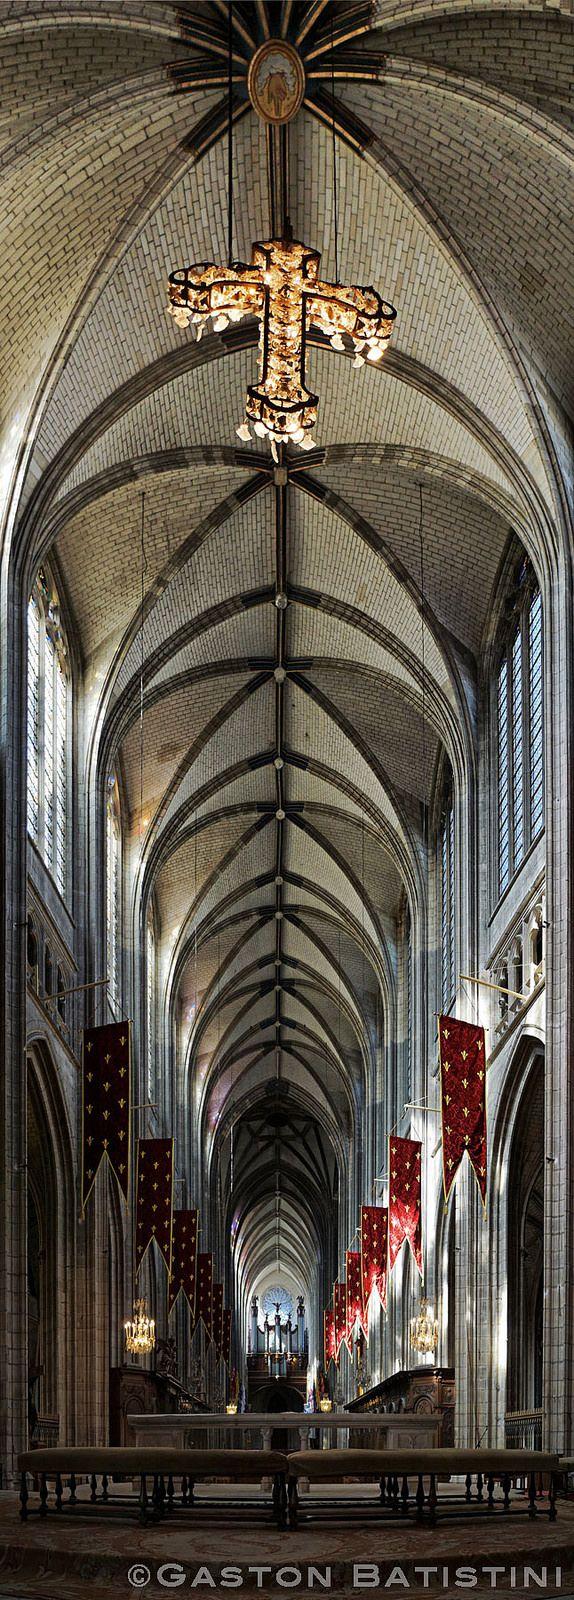 Cathédrale Sainte-Croix d'Orléans, département du Loiret, France